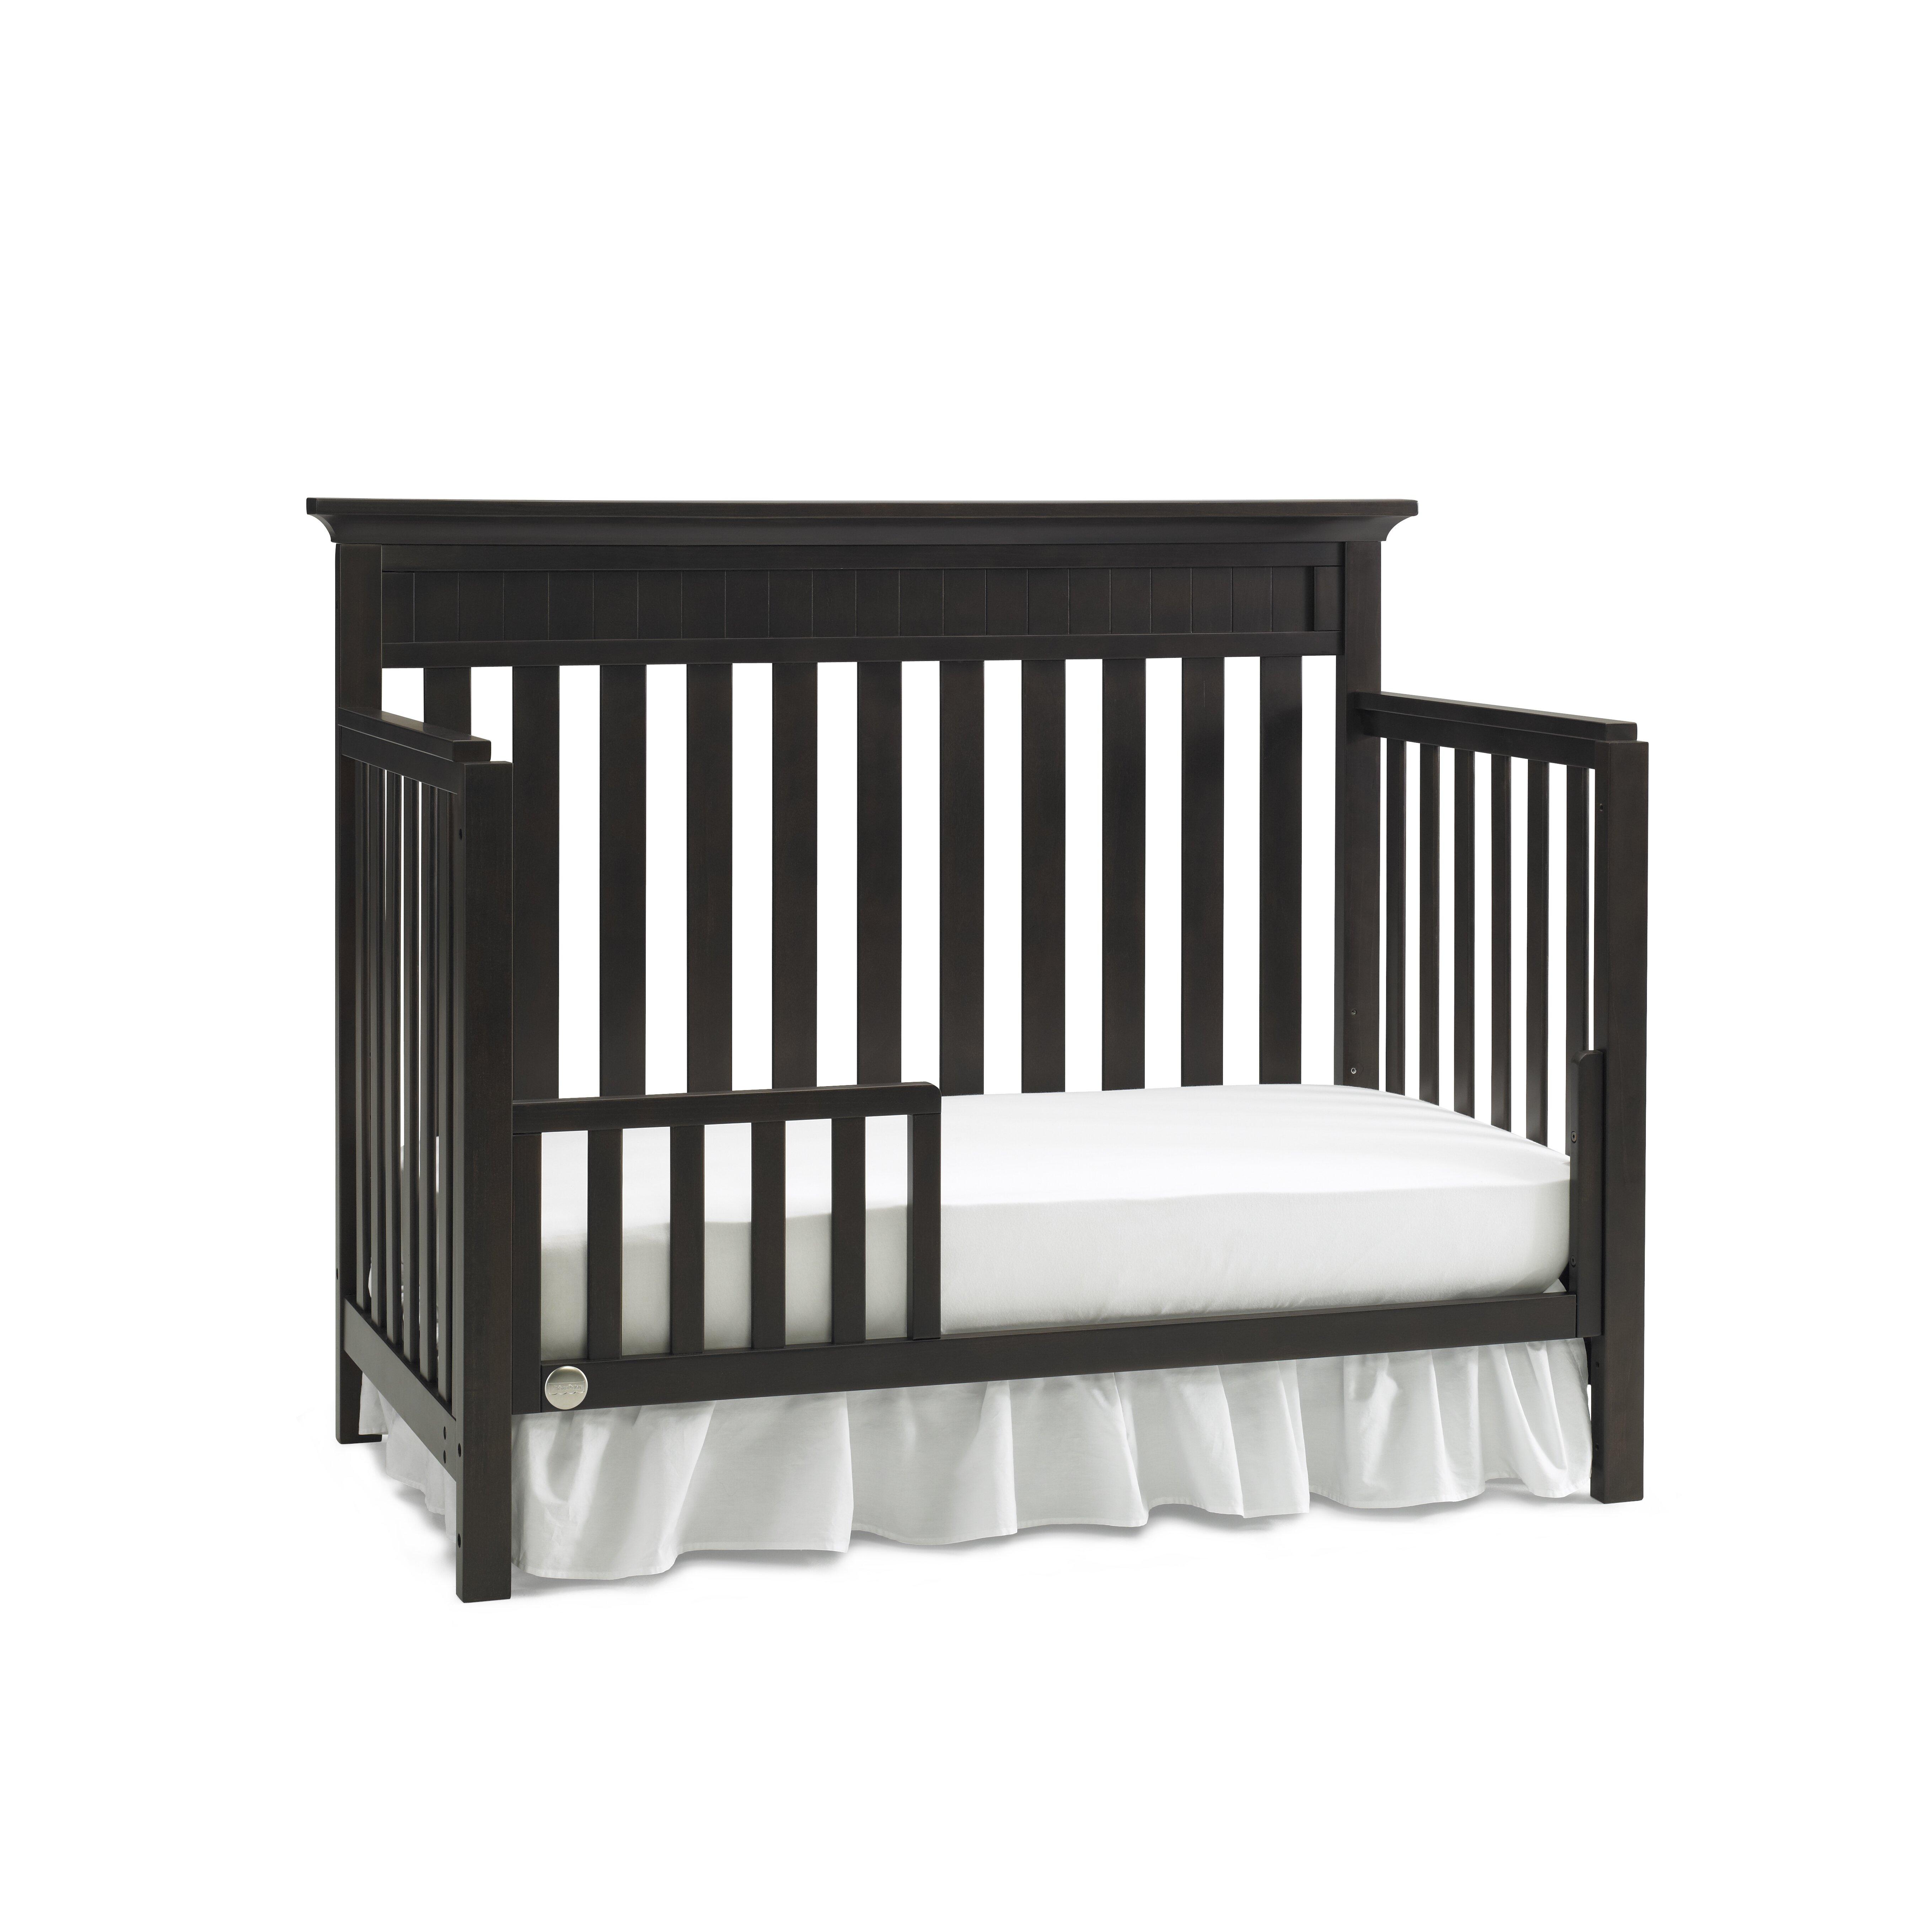 Fisher Price Newbury 4 In 1 Convertible Crib Amp Reviews